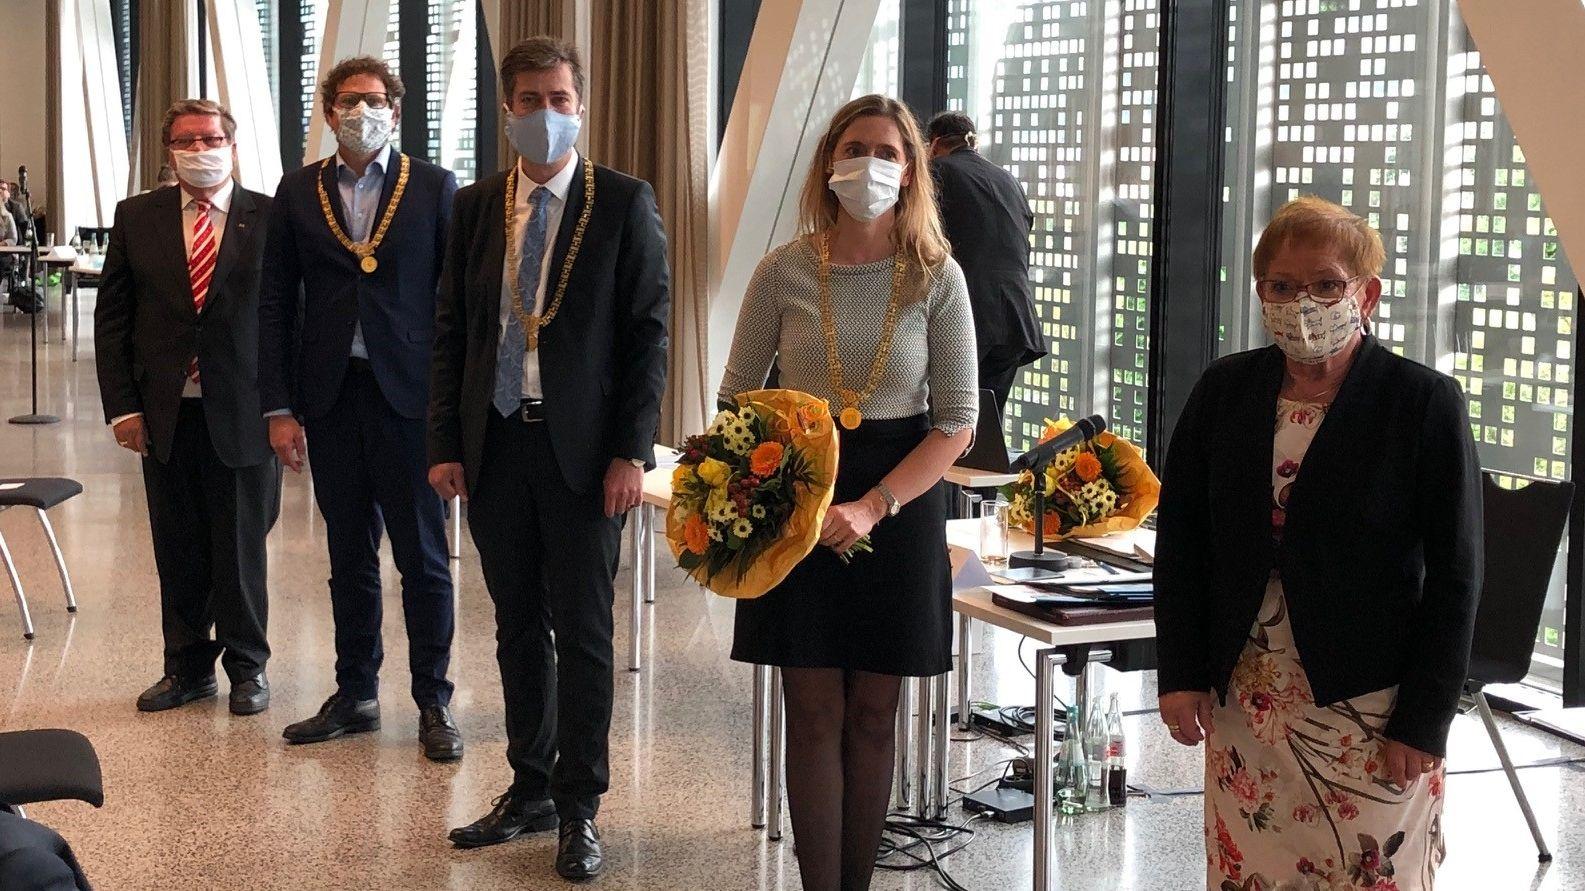 Oberbürgermeister Christian Schuchardt (Mitte) mit seinen neuen und seinen scheidenden Stellvertretern.